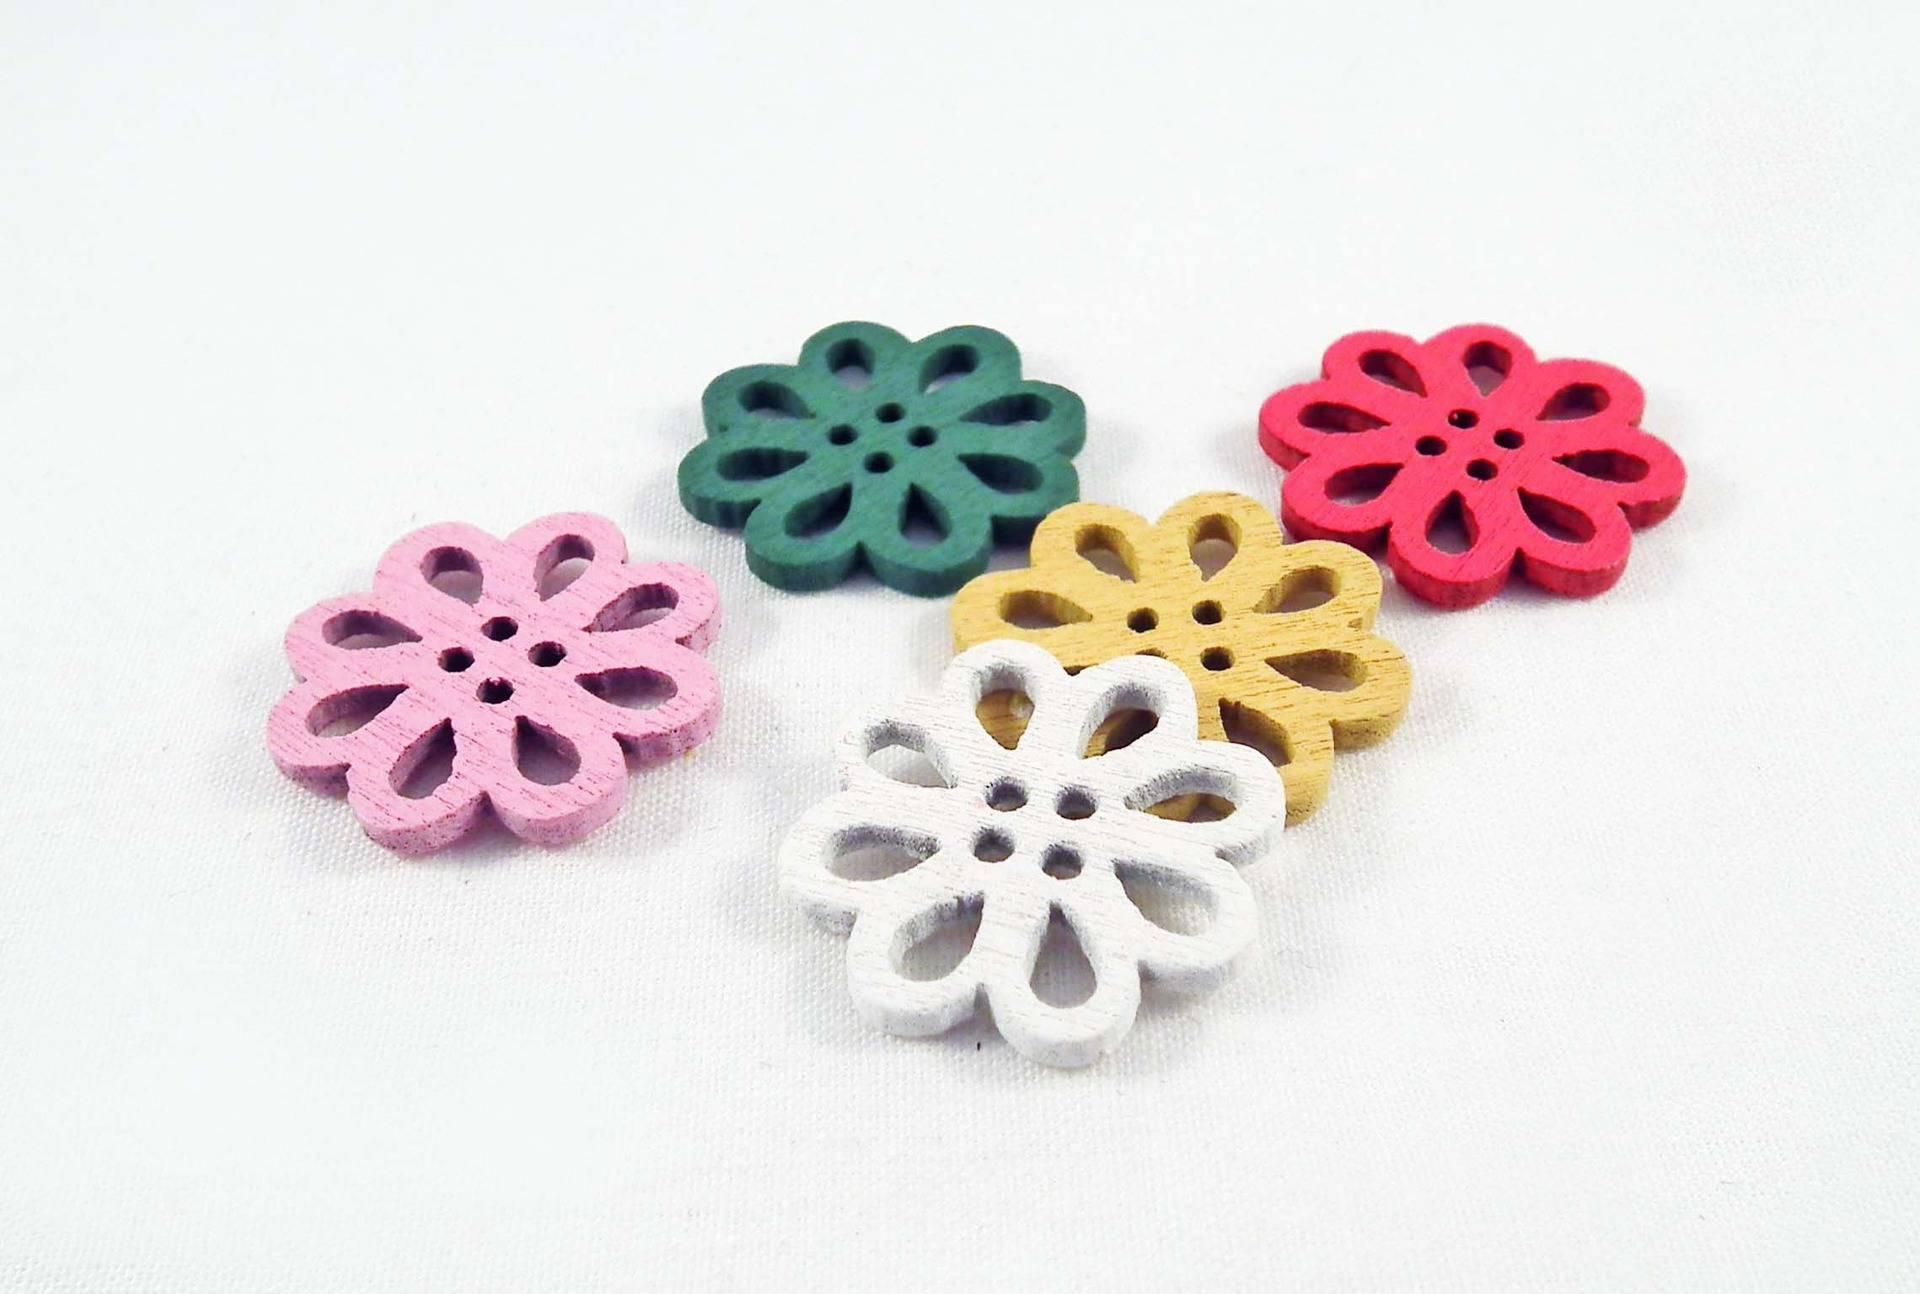 PBB20 - Lot de 5 Perles connecteurs en Bois en forme de Fleurs de couleurs mixtes Intercalaire Spacer